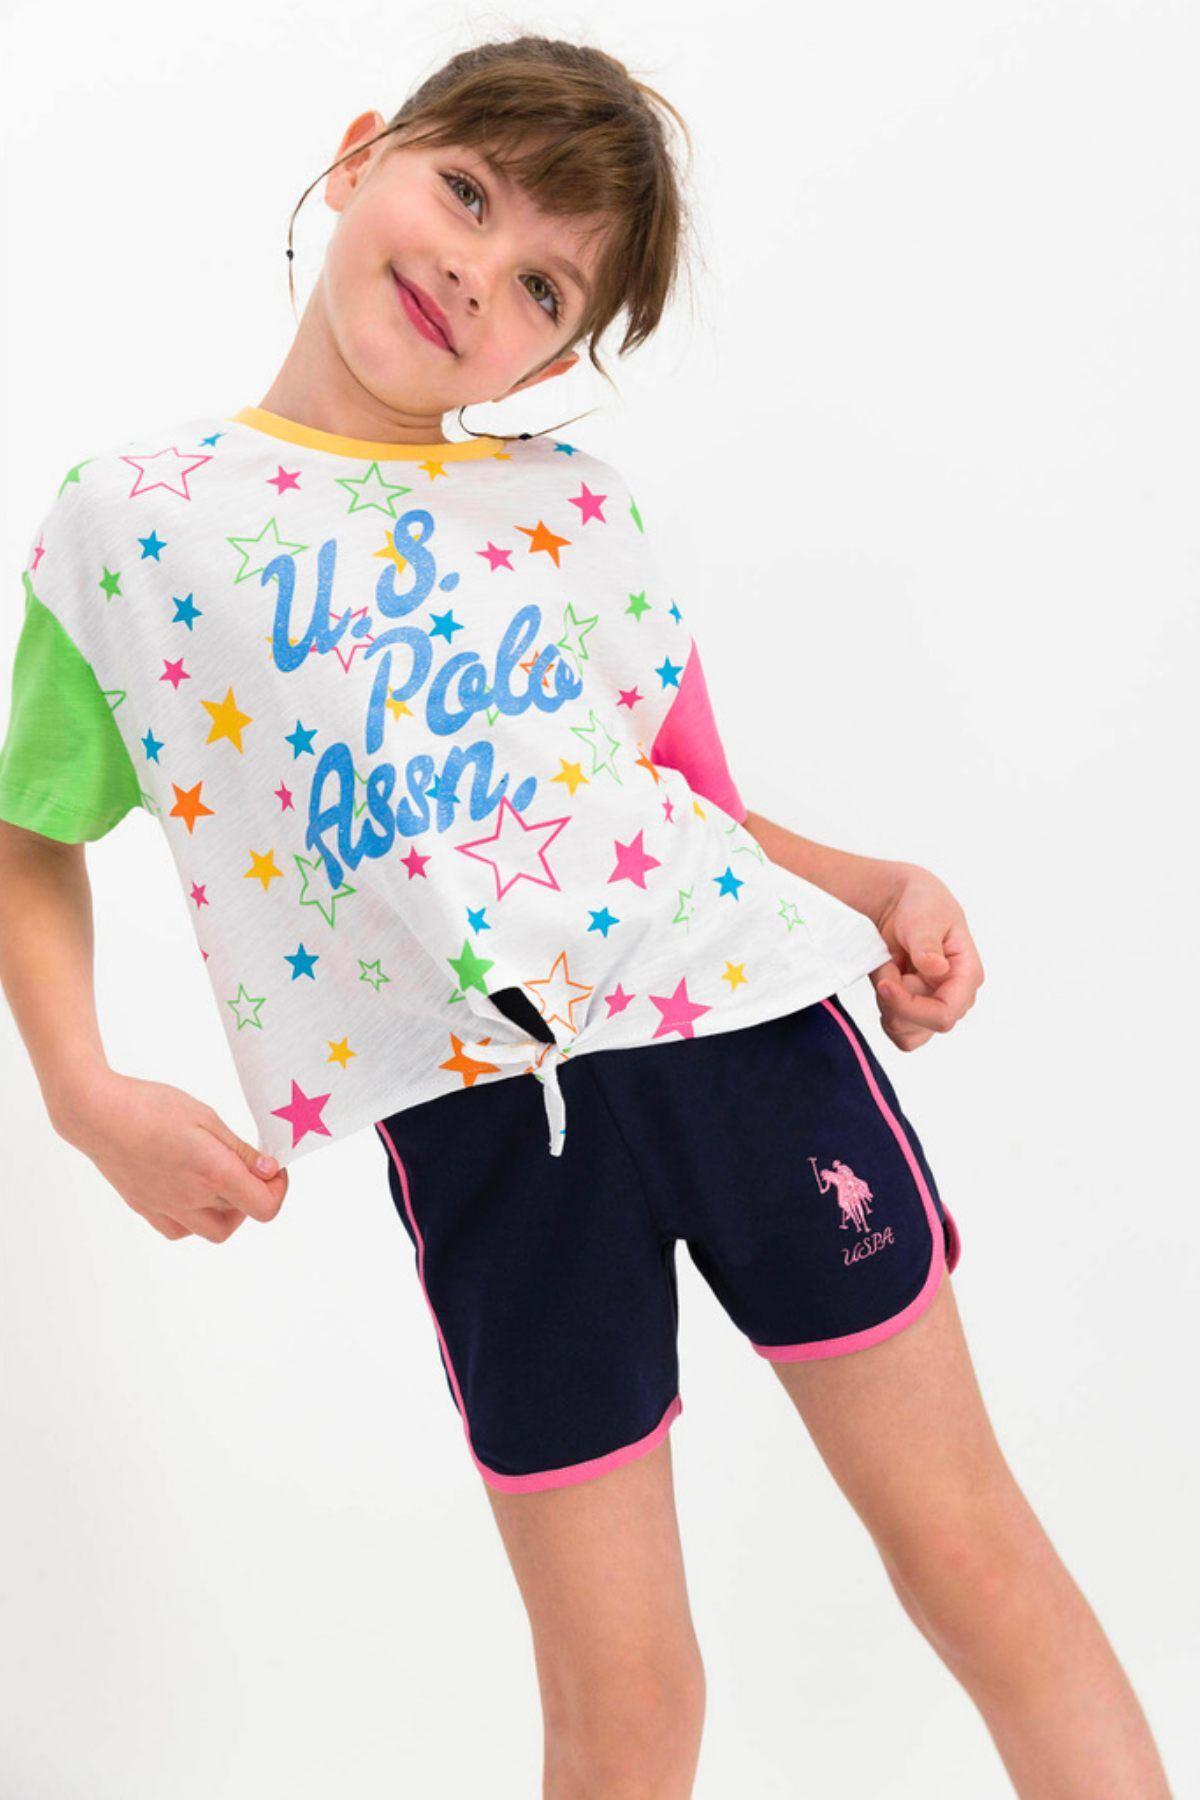 9-15 Yaş Us Polo ASSN Lisanslı Yıldız Mavi Kız Çocuk Takım